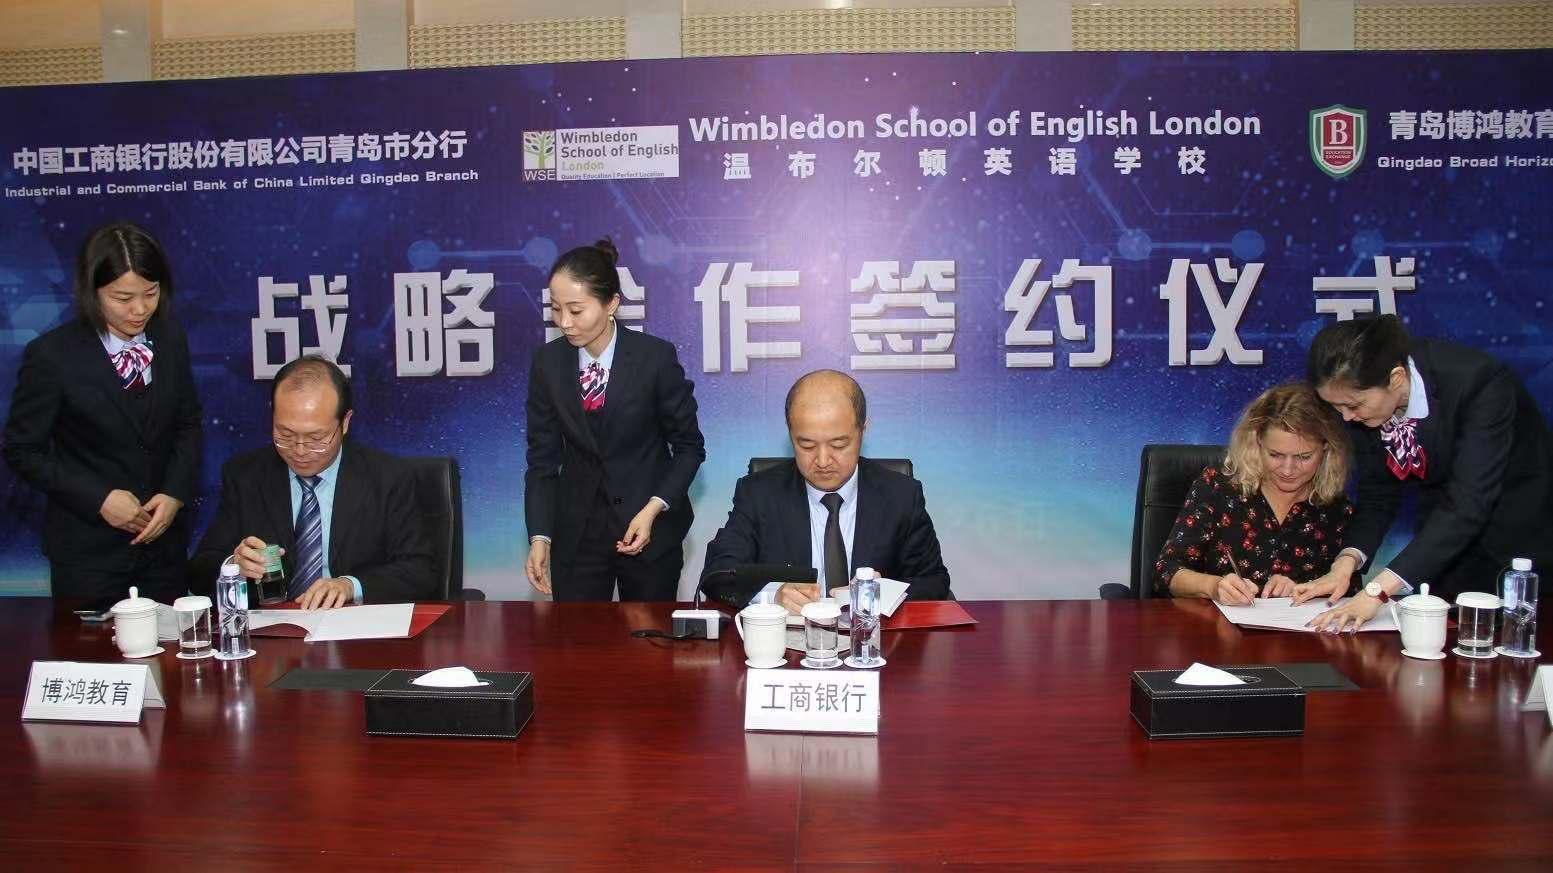 中国工商银行青岛市分行、博鸿教育与英国温布尔登英语学校签订战